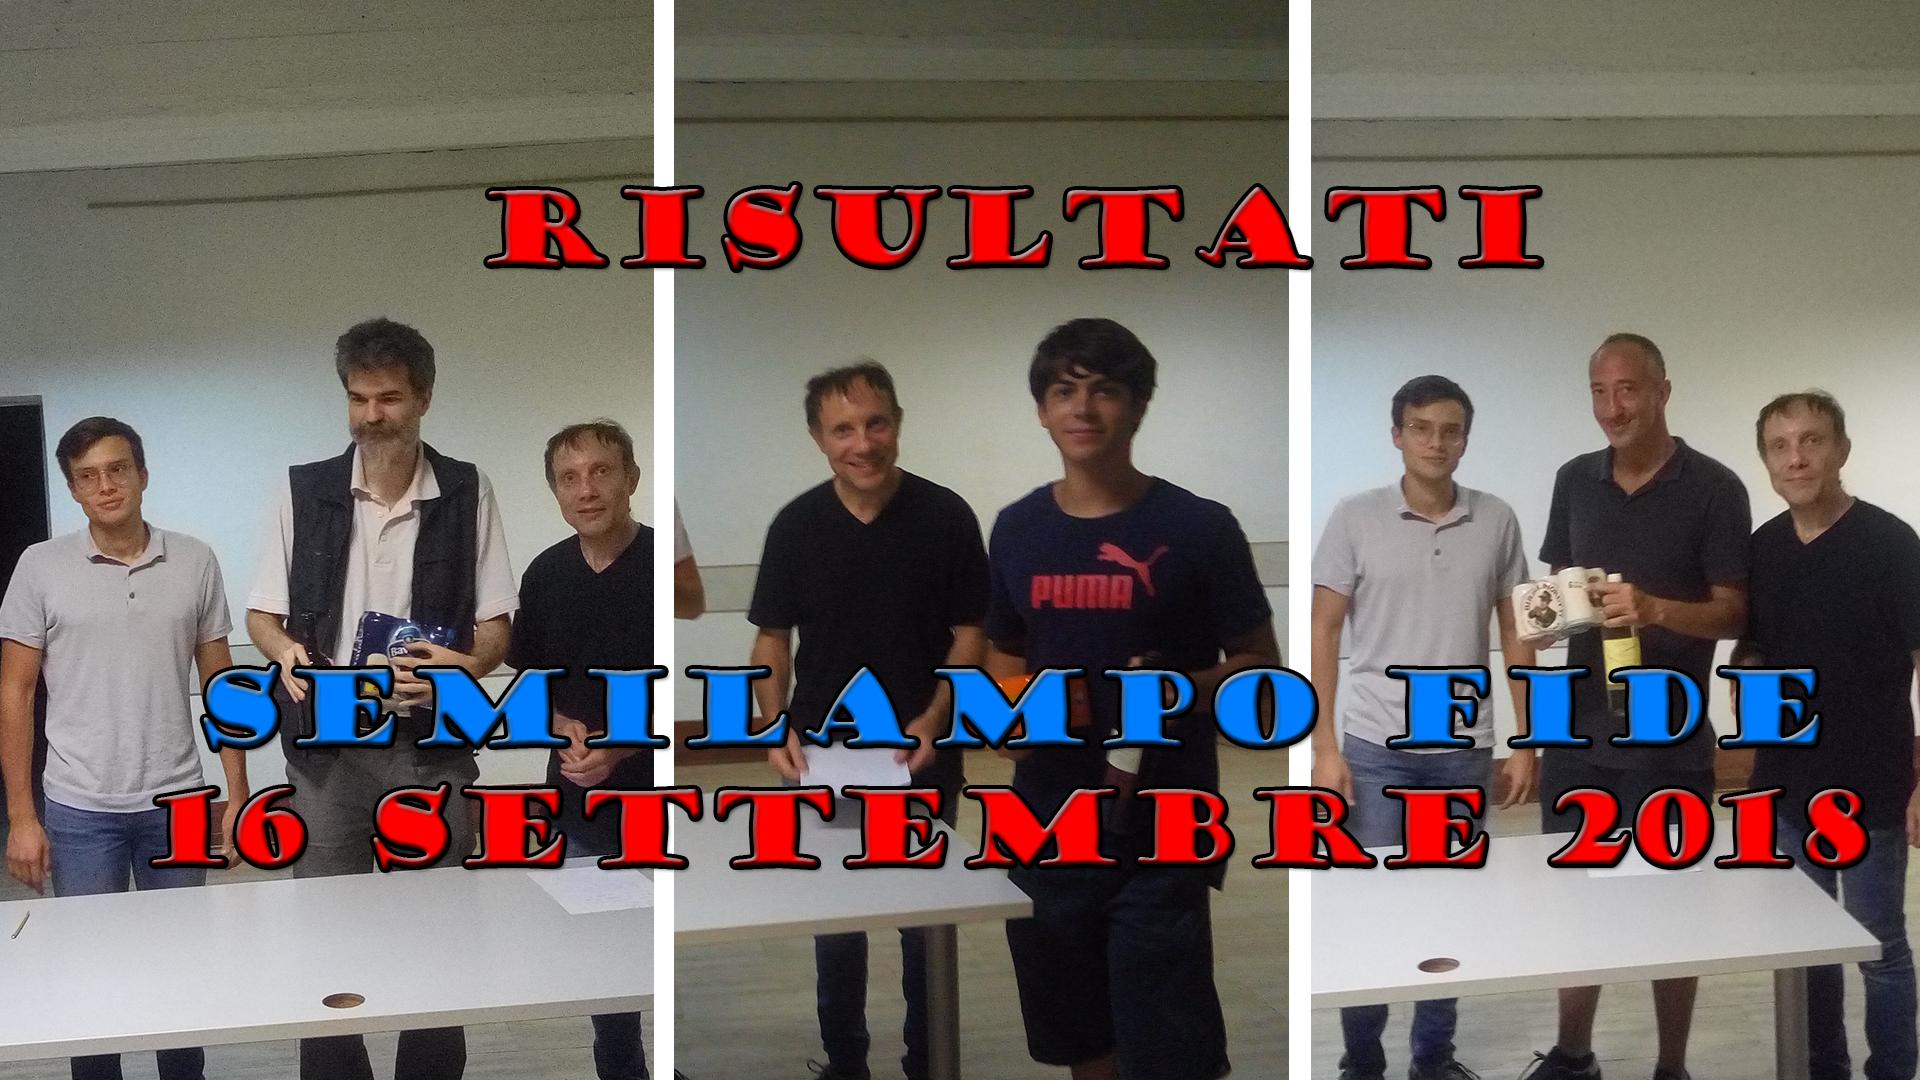 RISULTATI – Semilampo 16/09/2018